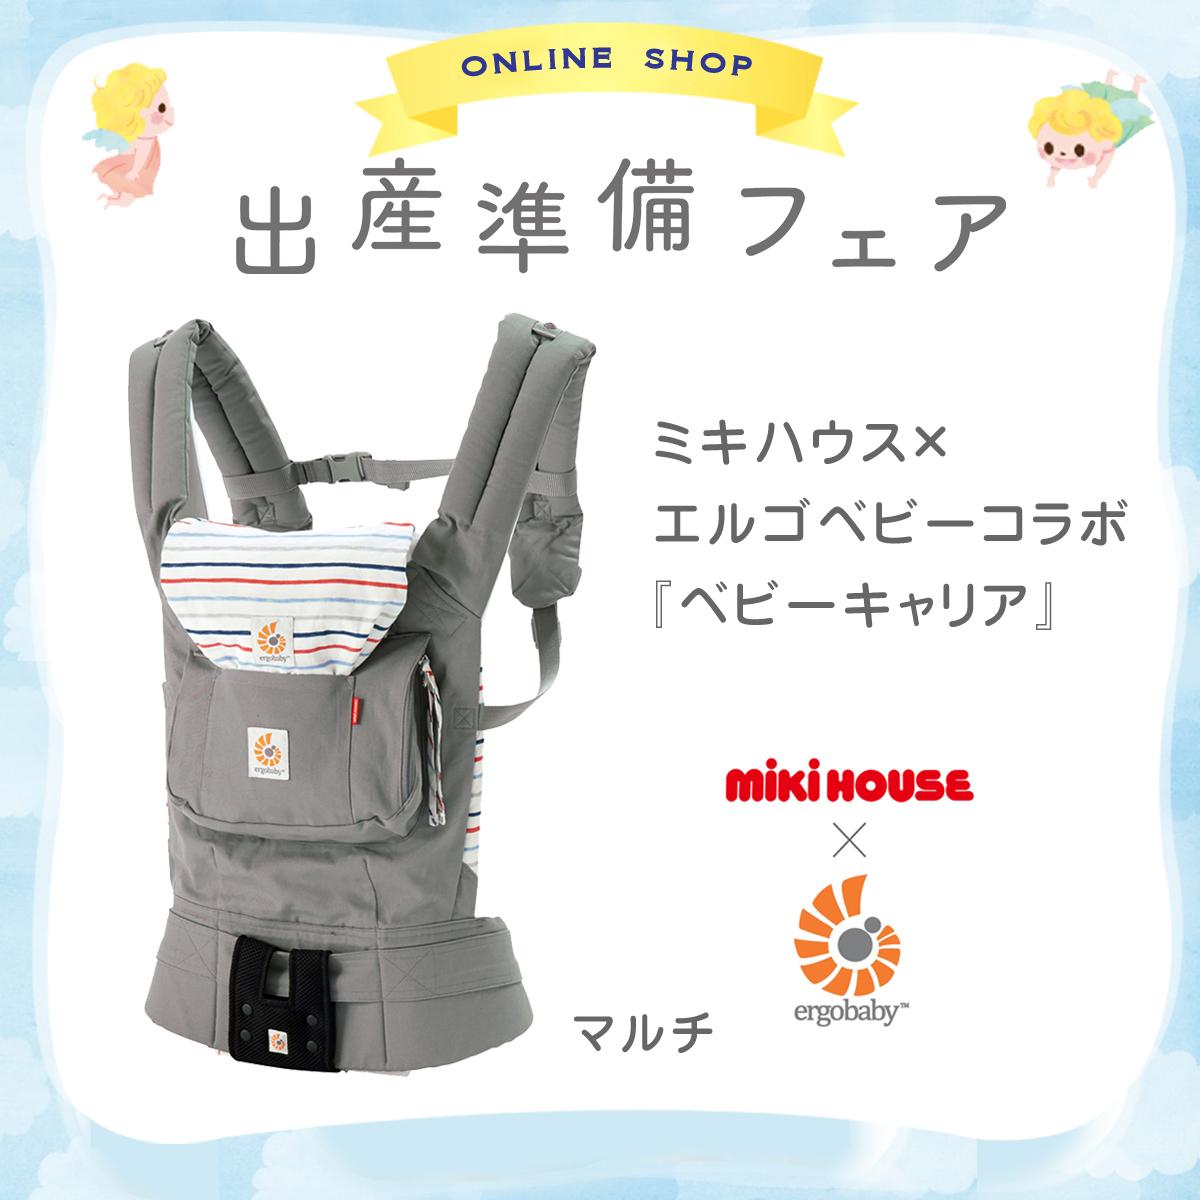 ミキハウス mikihouse ミキハウス×エルゴベビーコラボ『ベビーキャリア』(ボーダー)【箱入】